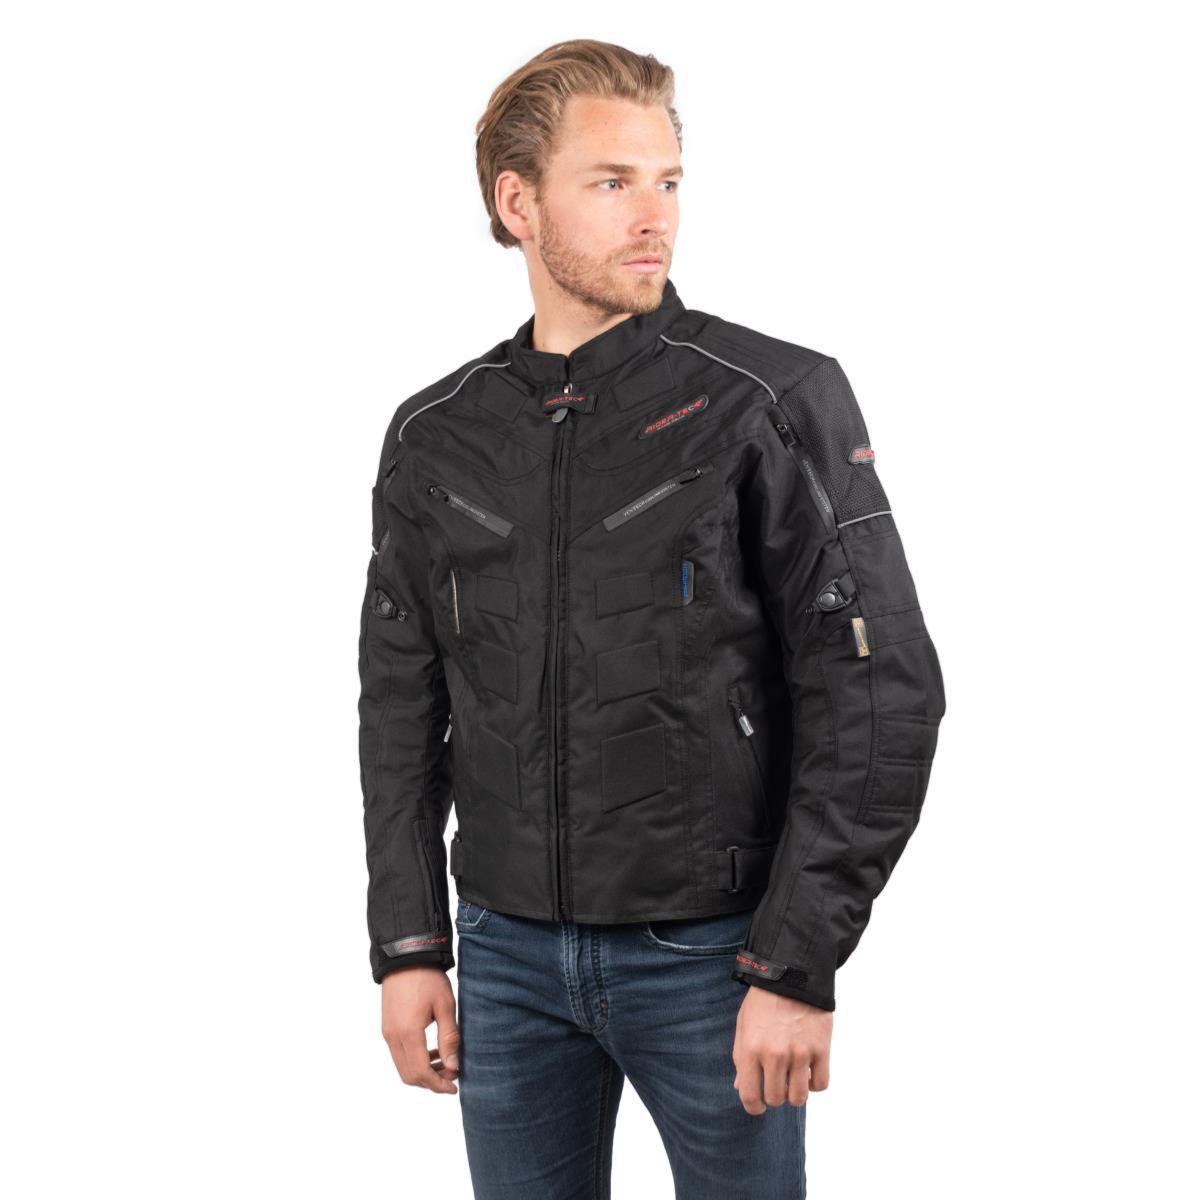 Blouson de Moto Homme Urban Rider-Tec Textile Noir